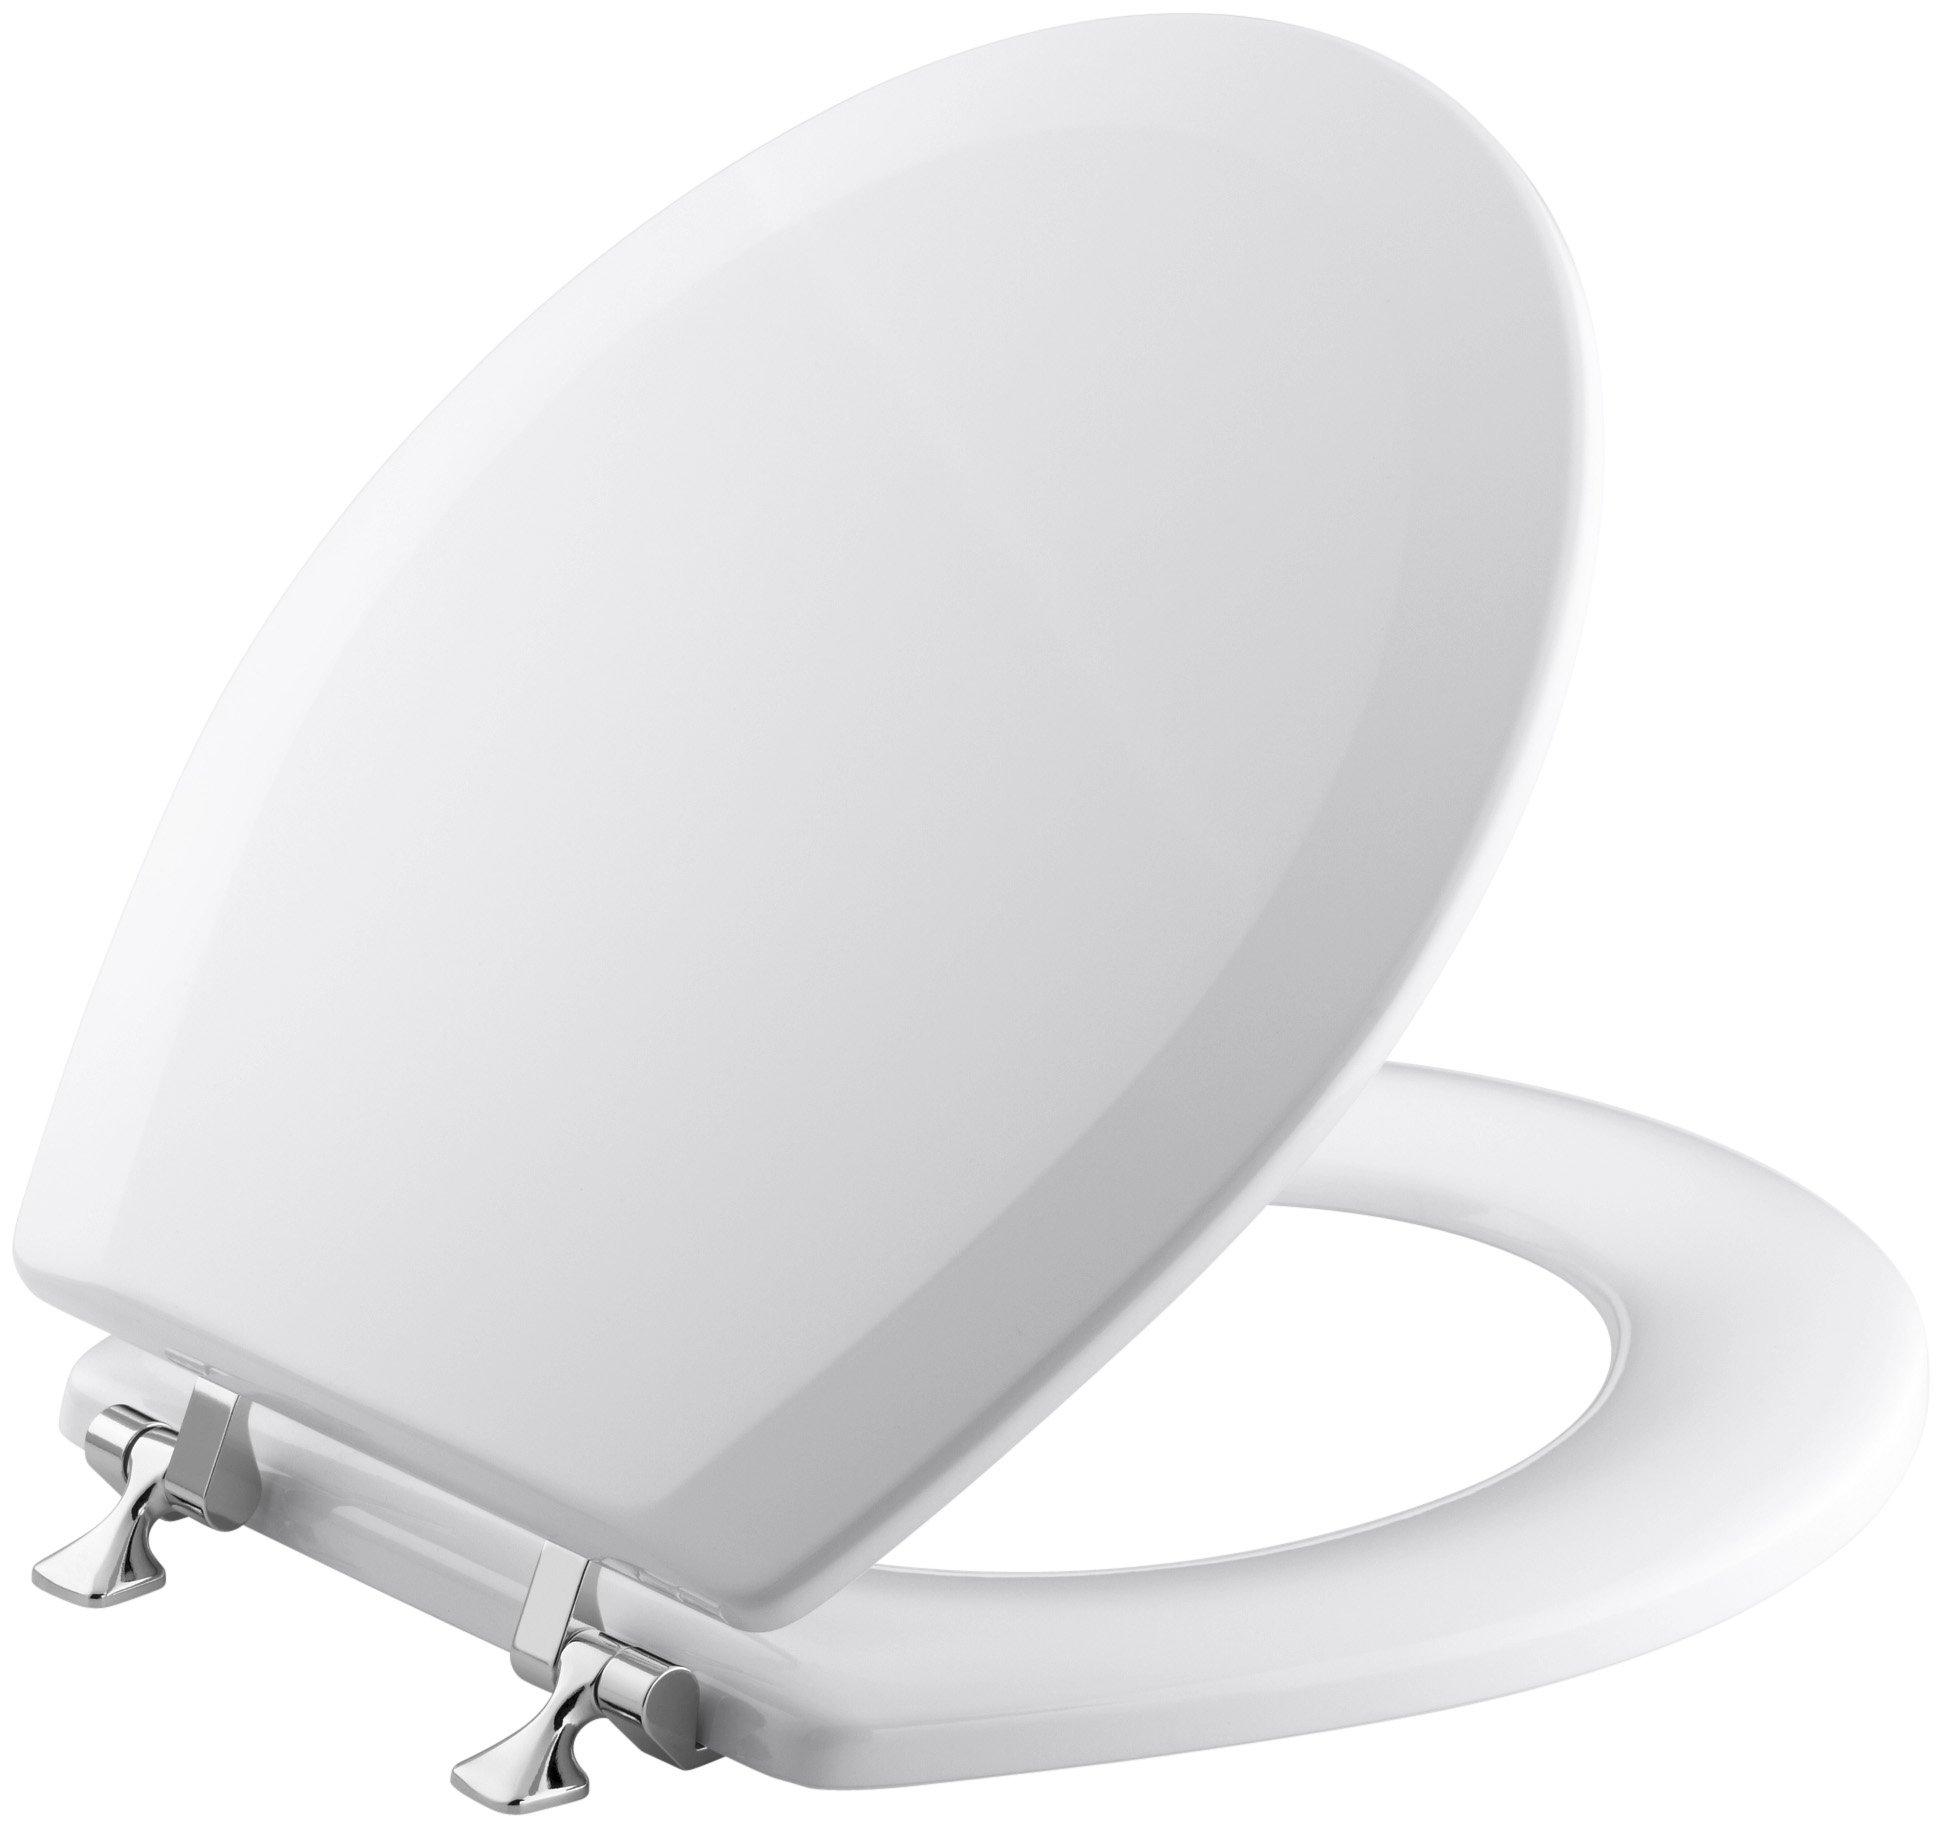 KOHLER K-4726-T-0 Triko Round-front Molded-Wood Toilet Seat with Polished Chrome Hinges, White by Kohler